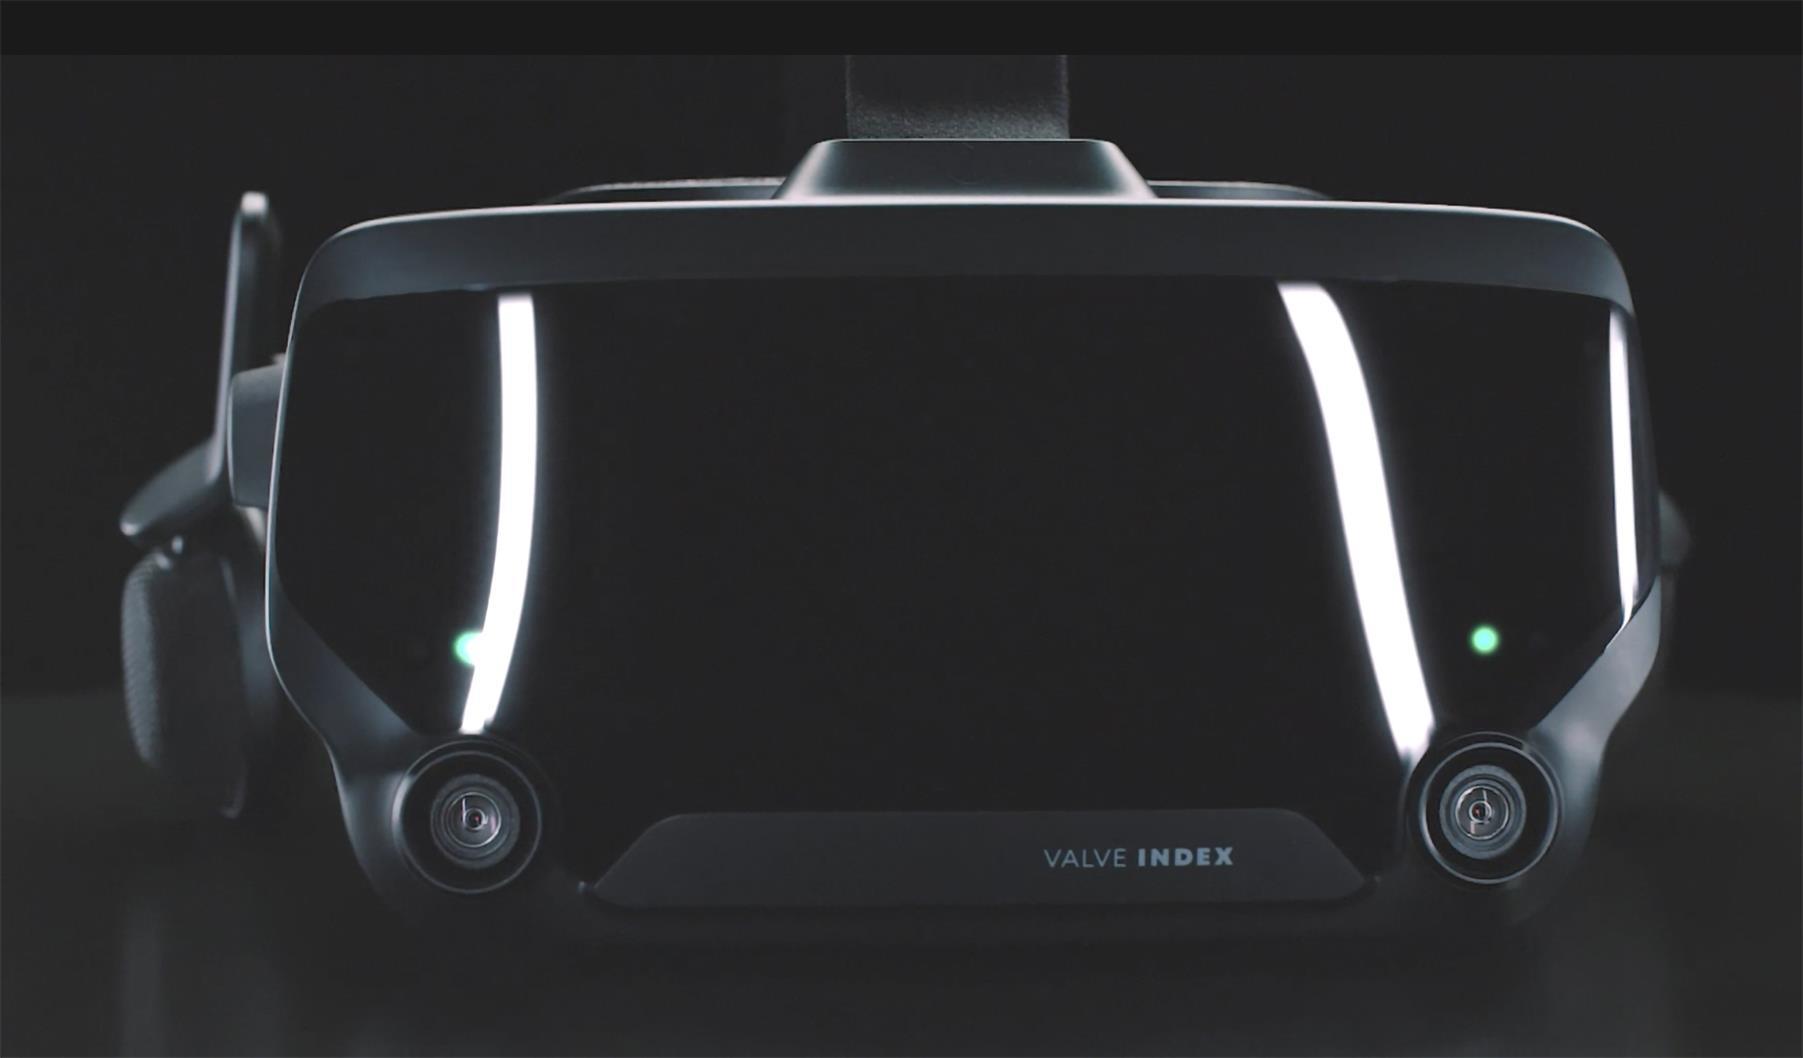 Valve sta silenziosamente sviluppando un headset VR autonomo 26HUeRiTA 1 1